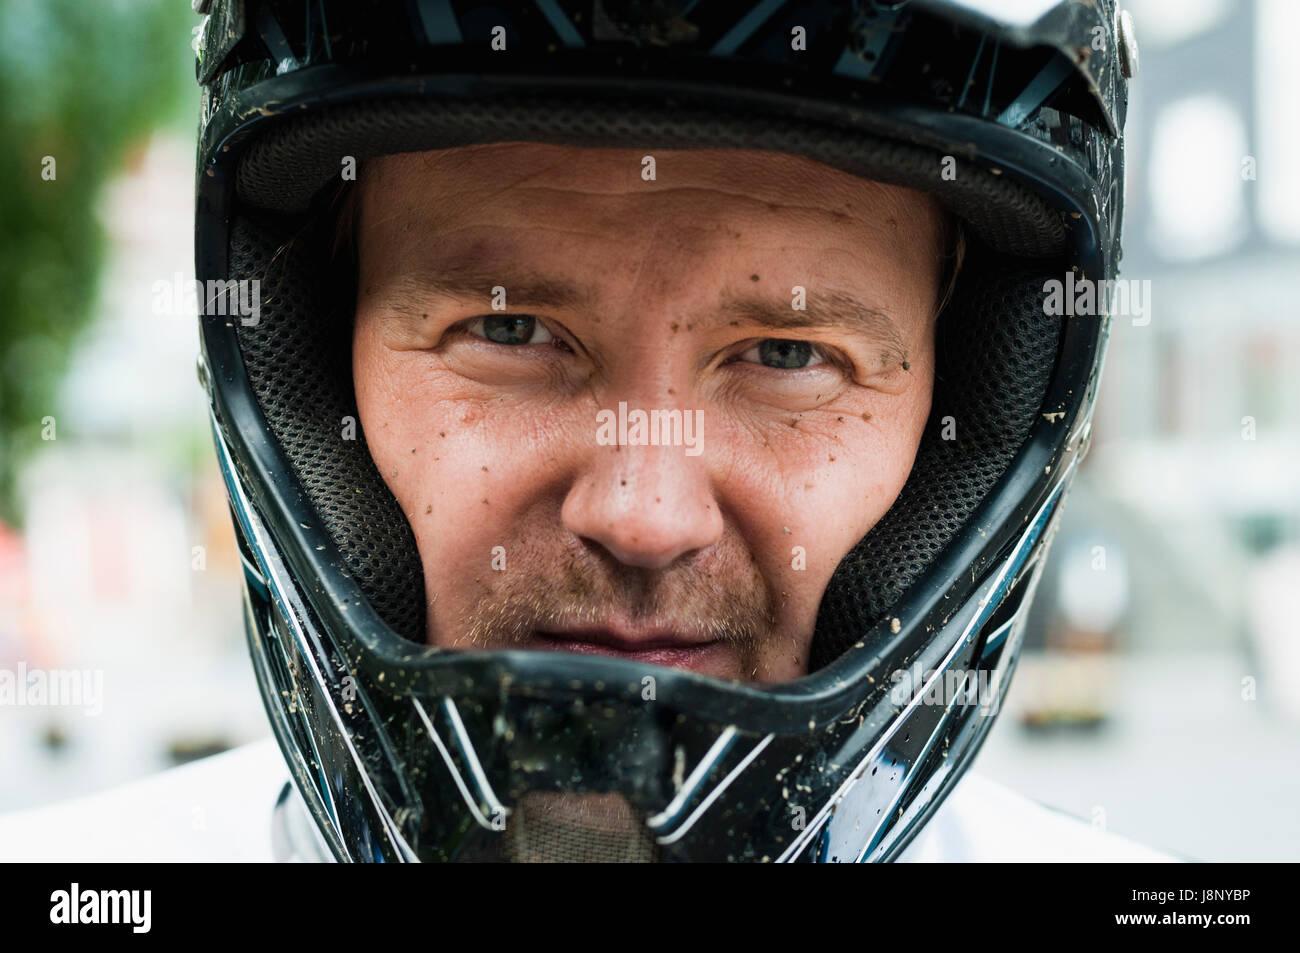 L'homme à casque de sécurité looking at camera Banque D'Images